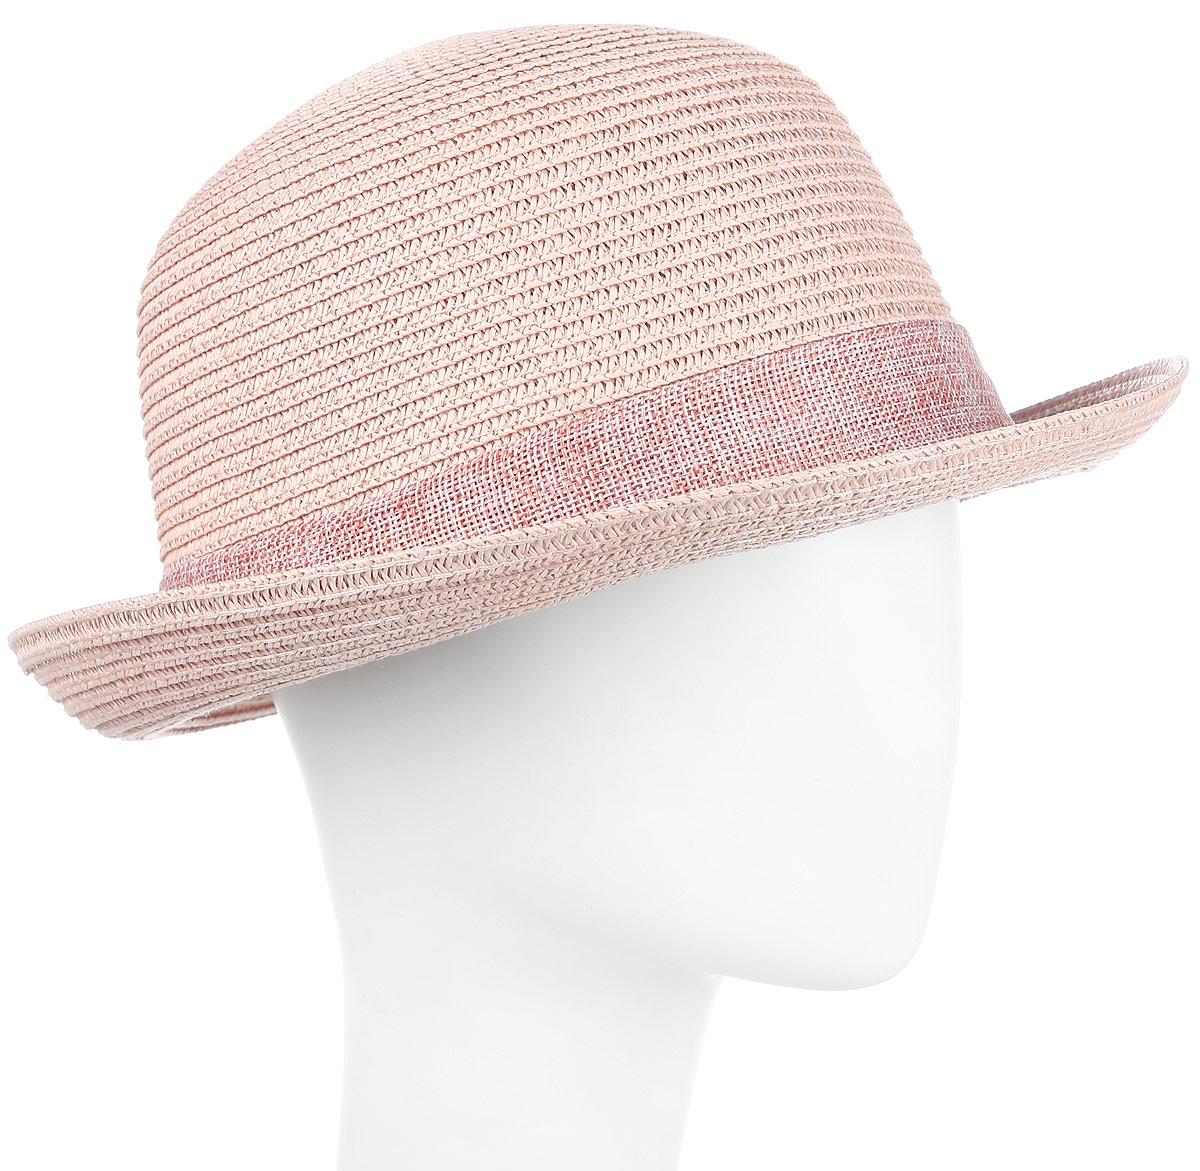 ШляпаHtW100292Шляпа женская с цветами.